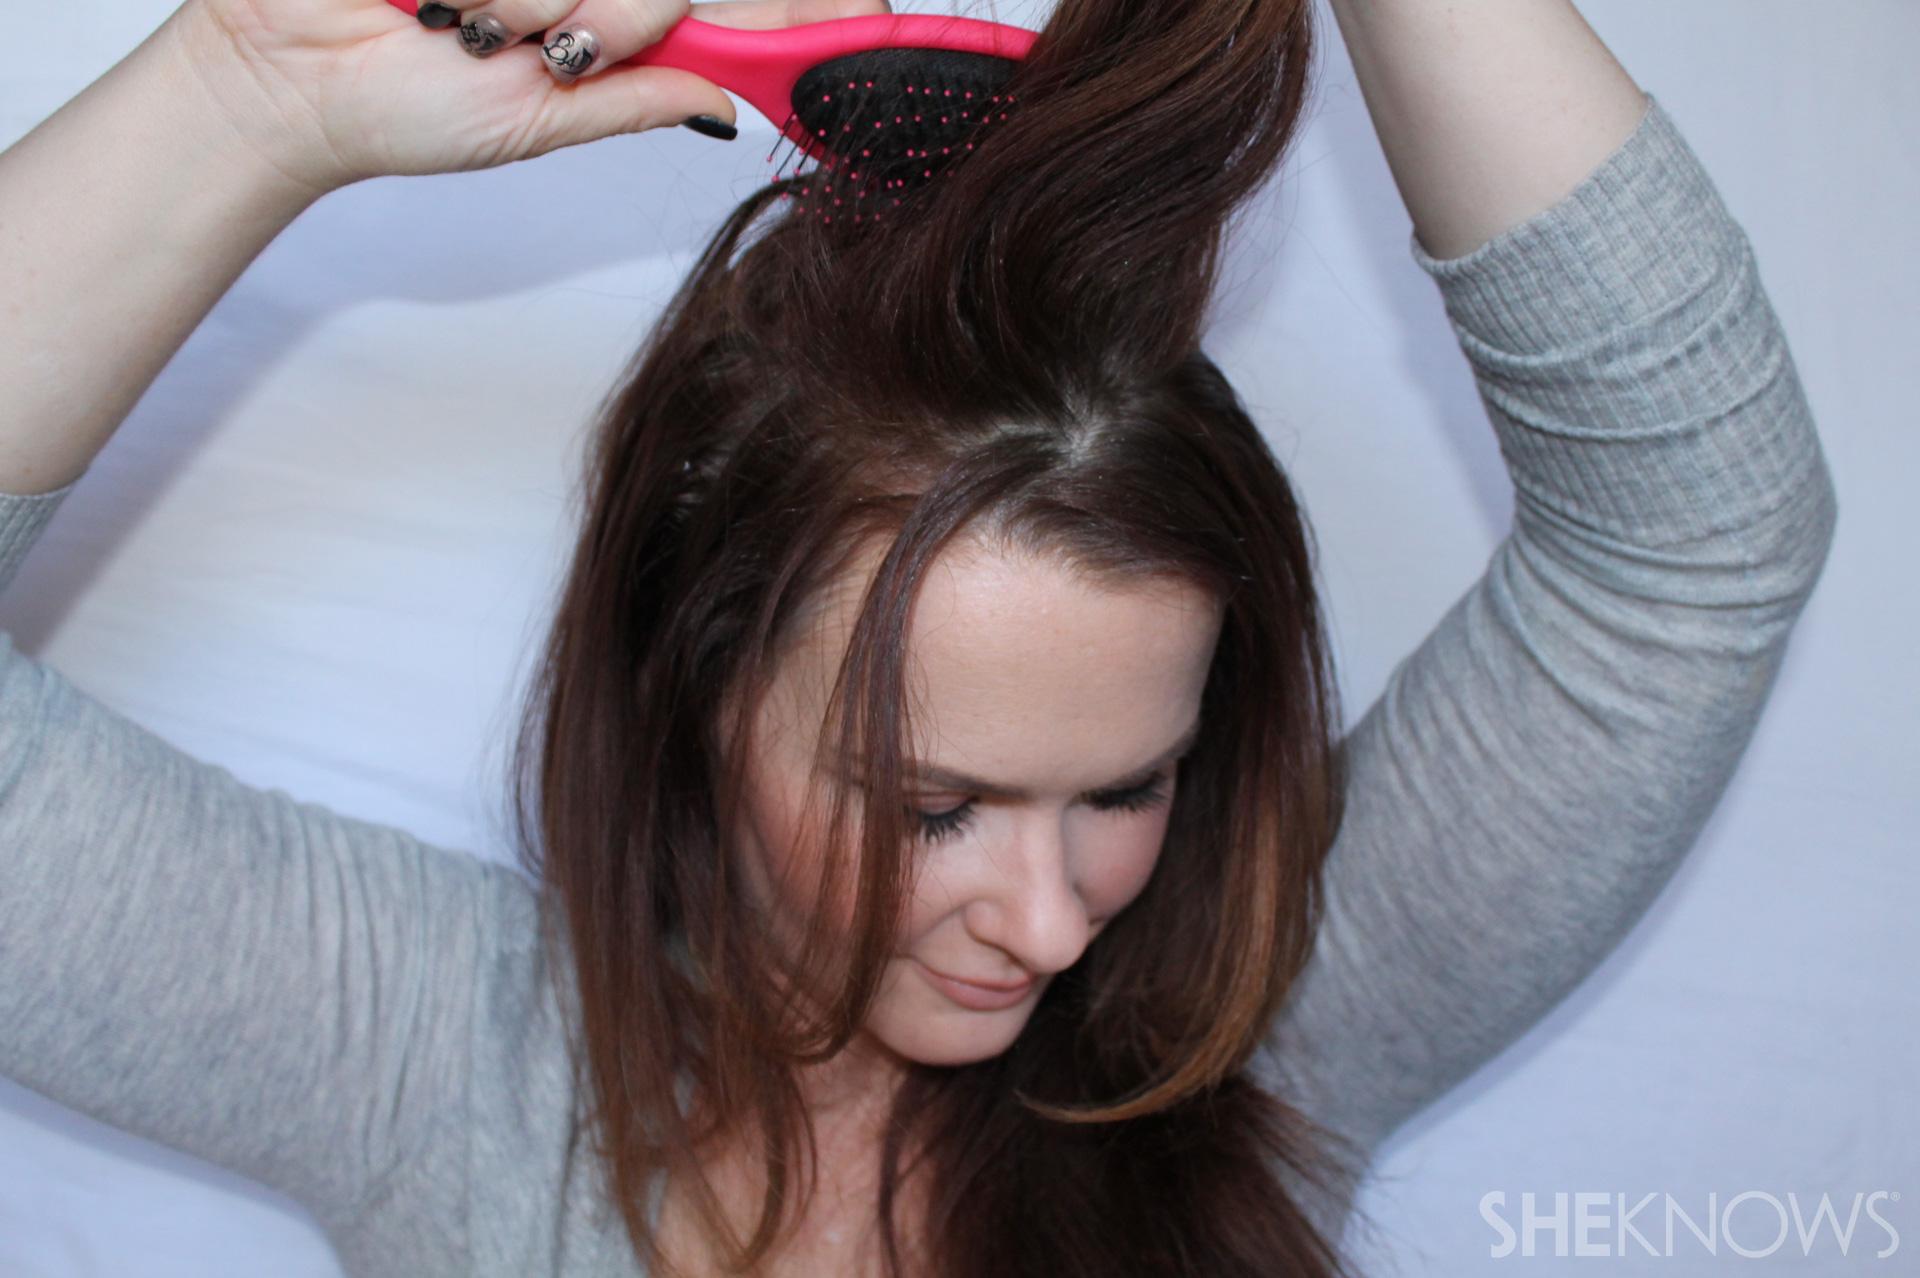 Thin hair tutorial | Sheknows.com - step 04